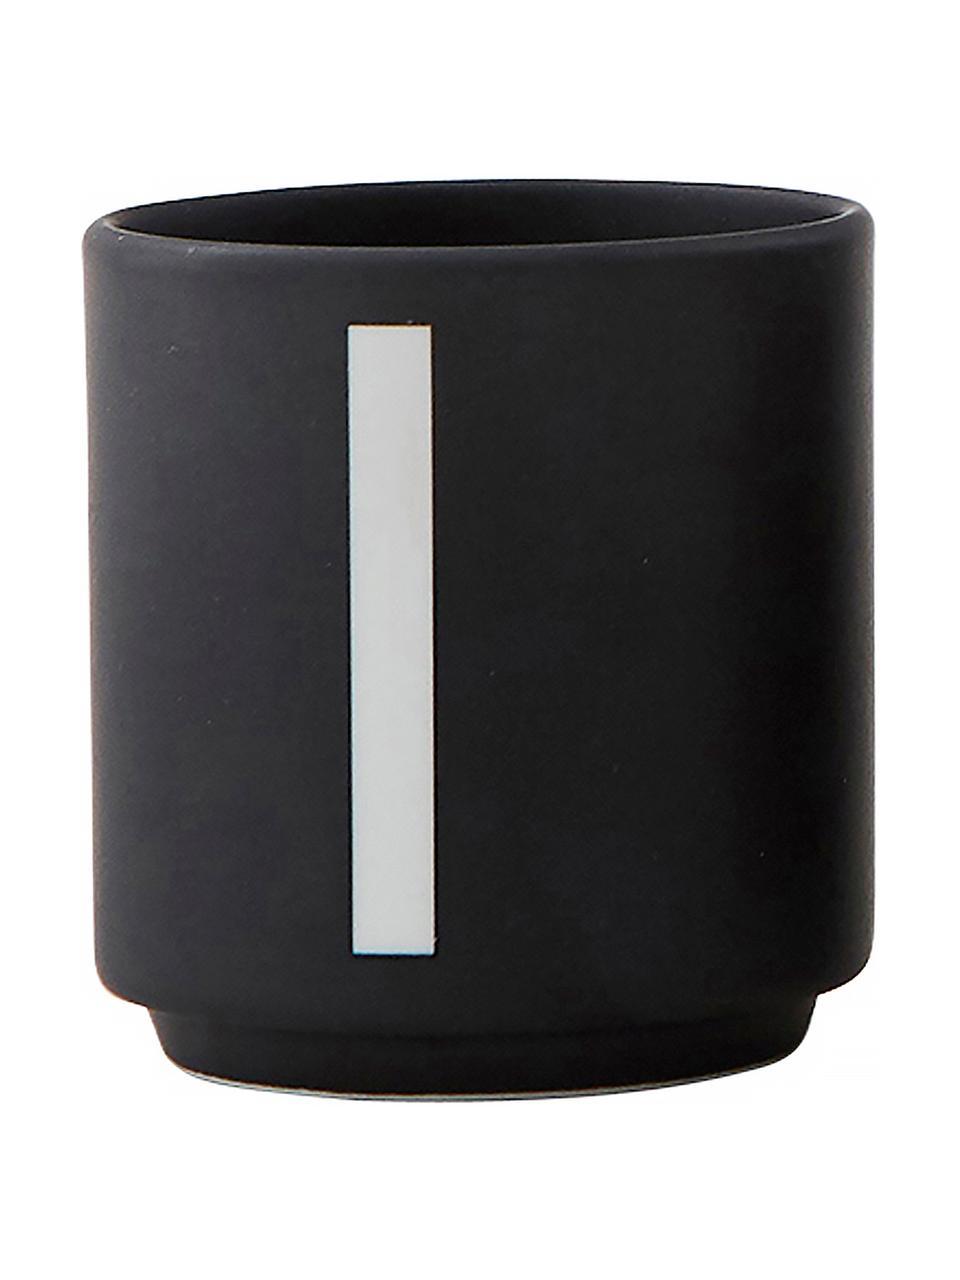 Komplet filiżanek do espresso 1234, 4 elem., Porcelana kostna (Fine Bone China) Porcelana kostna to miękka porcelana wyróżniająca się wyjątkowym, półprzezroczystym połyskiem, Czarny, biały, Ø 5 x W 6 cm